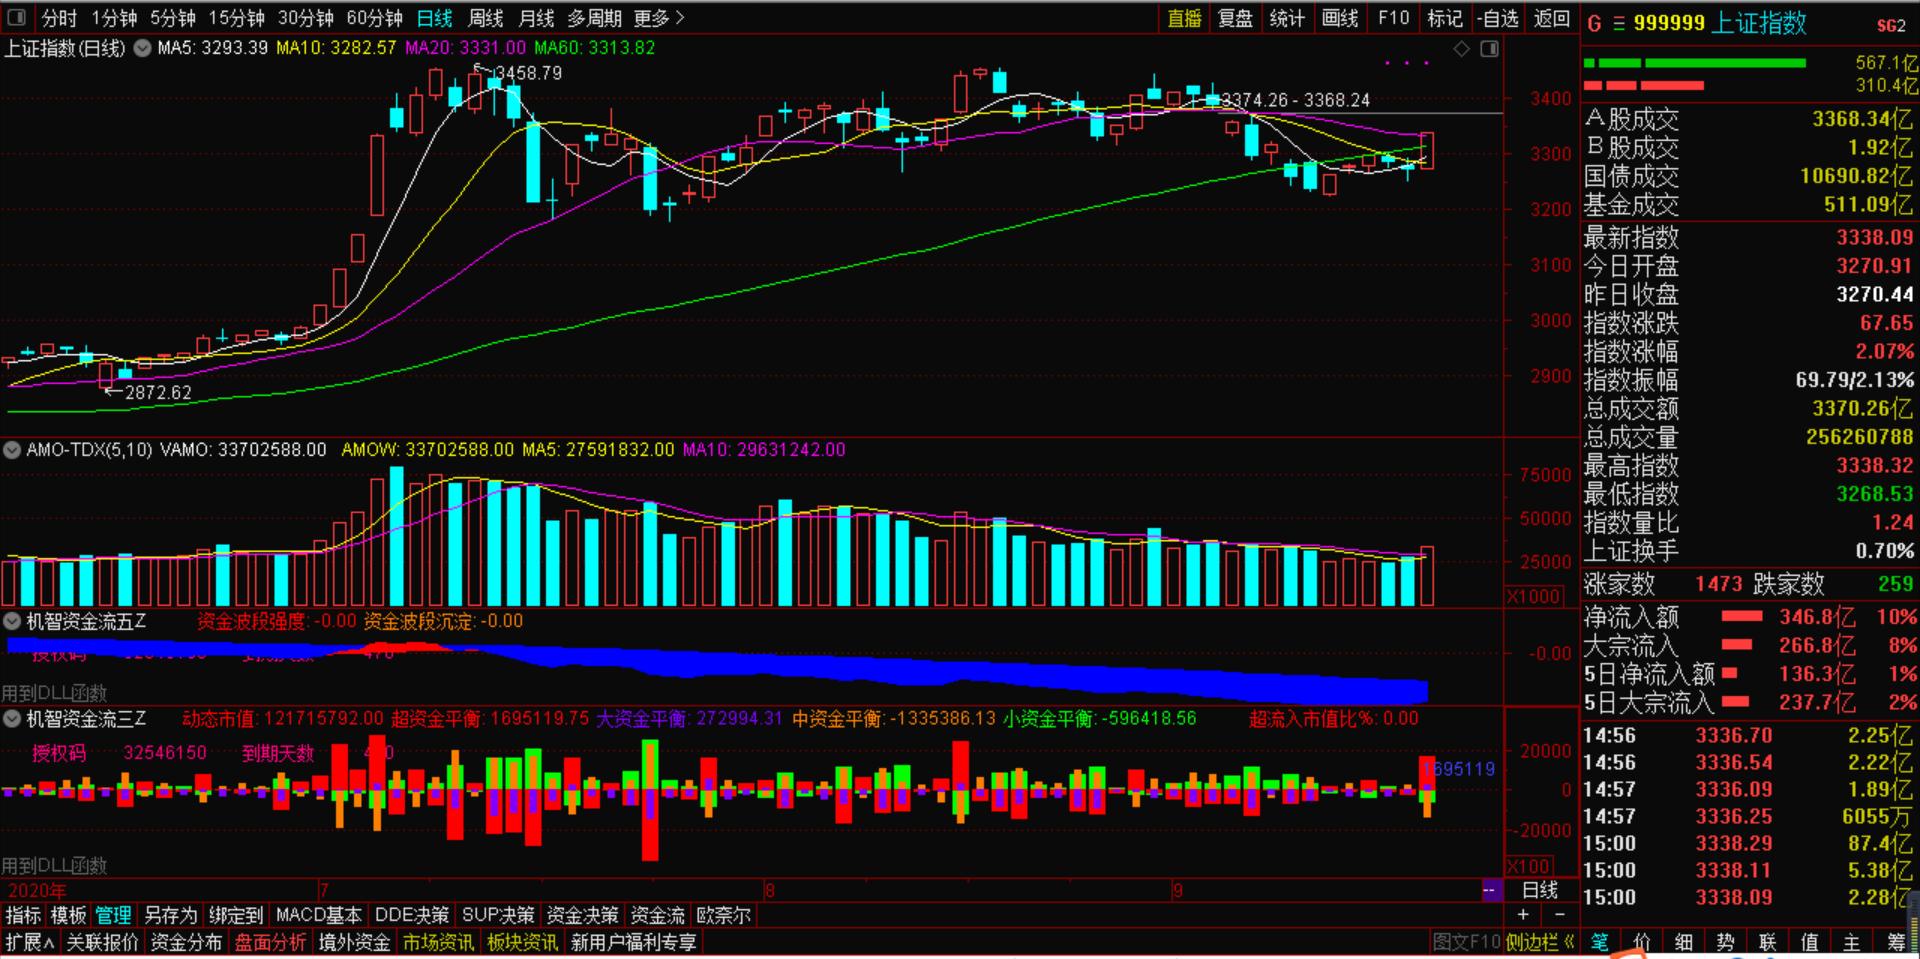 9月21号市场爆发大阳线,其实早有提示!|机智资金流